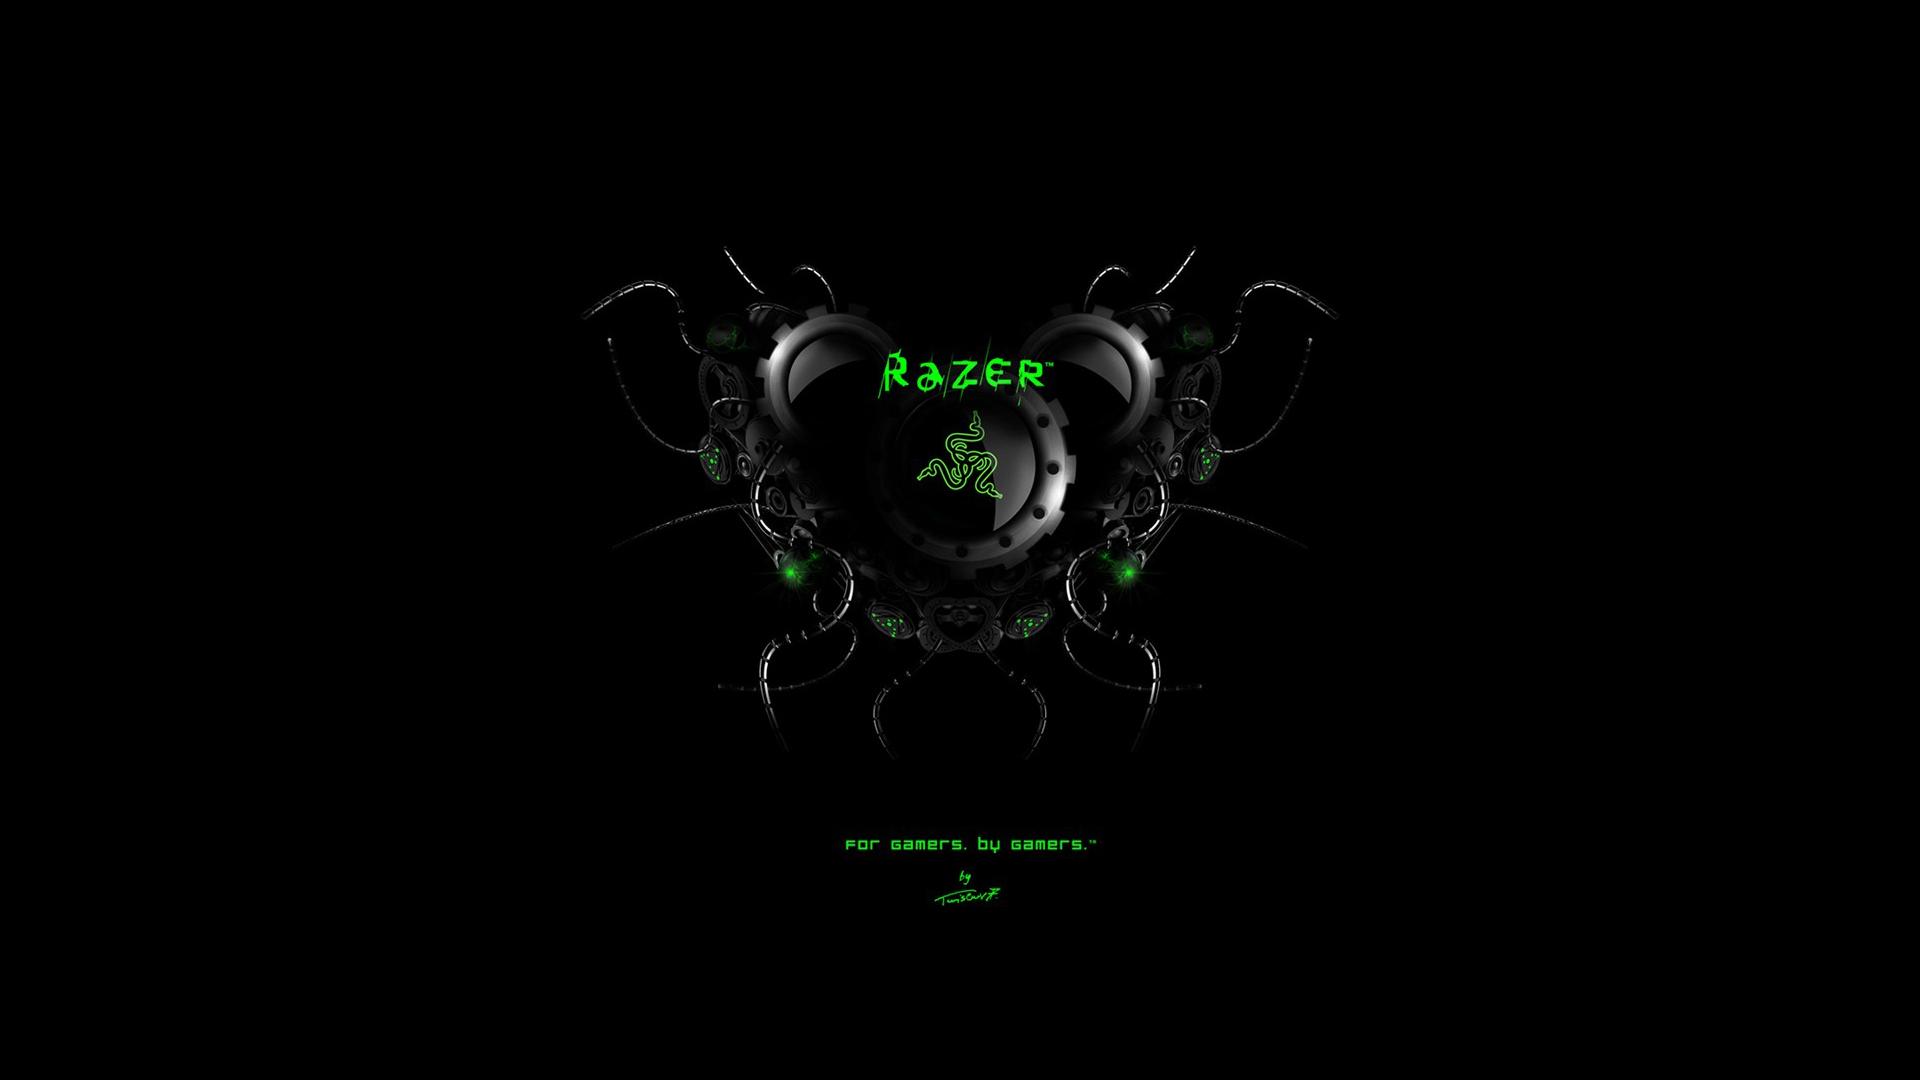 Razer Background - GzsiHai.com